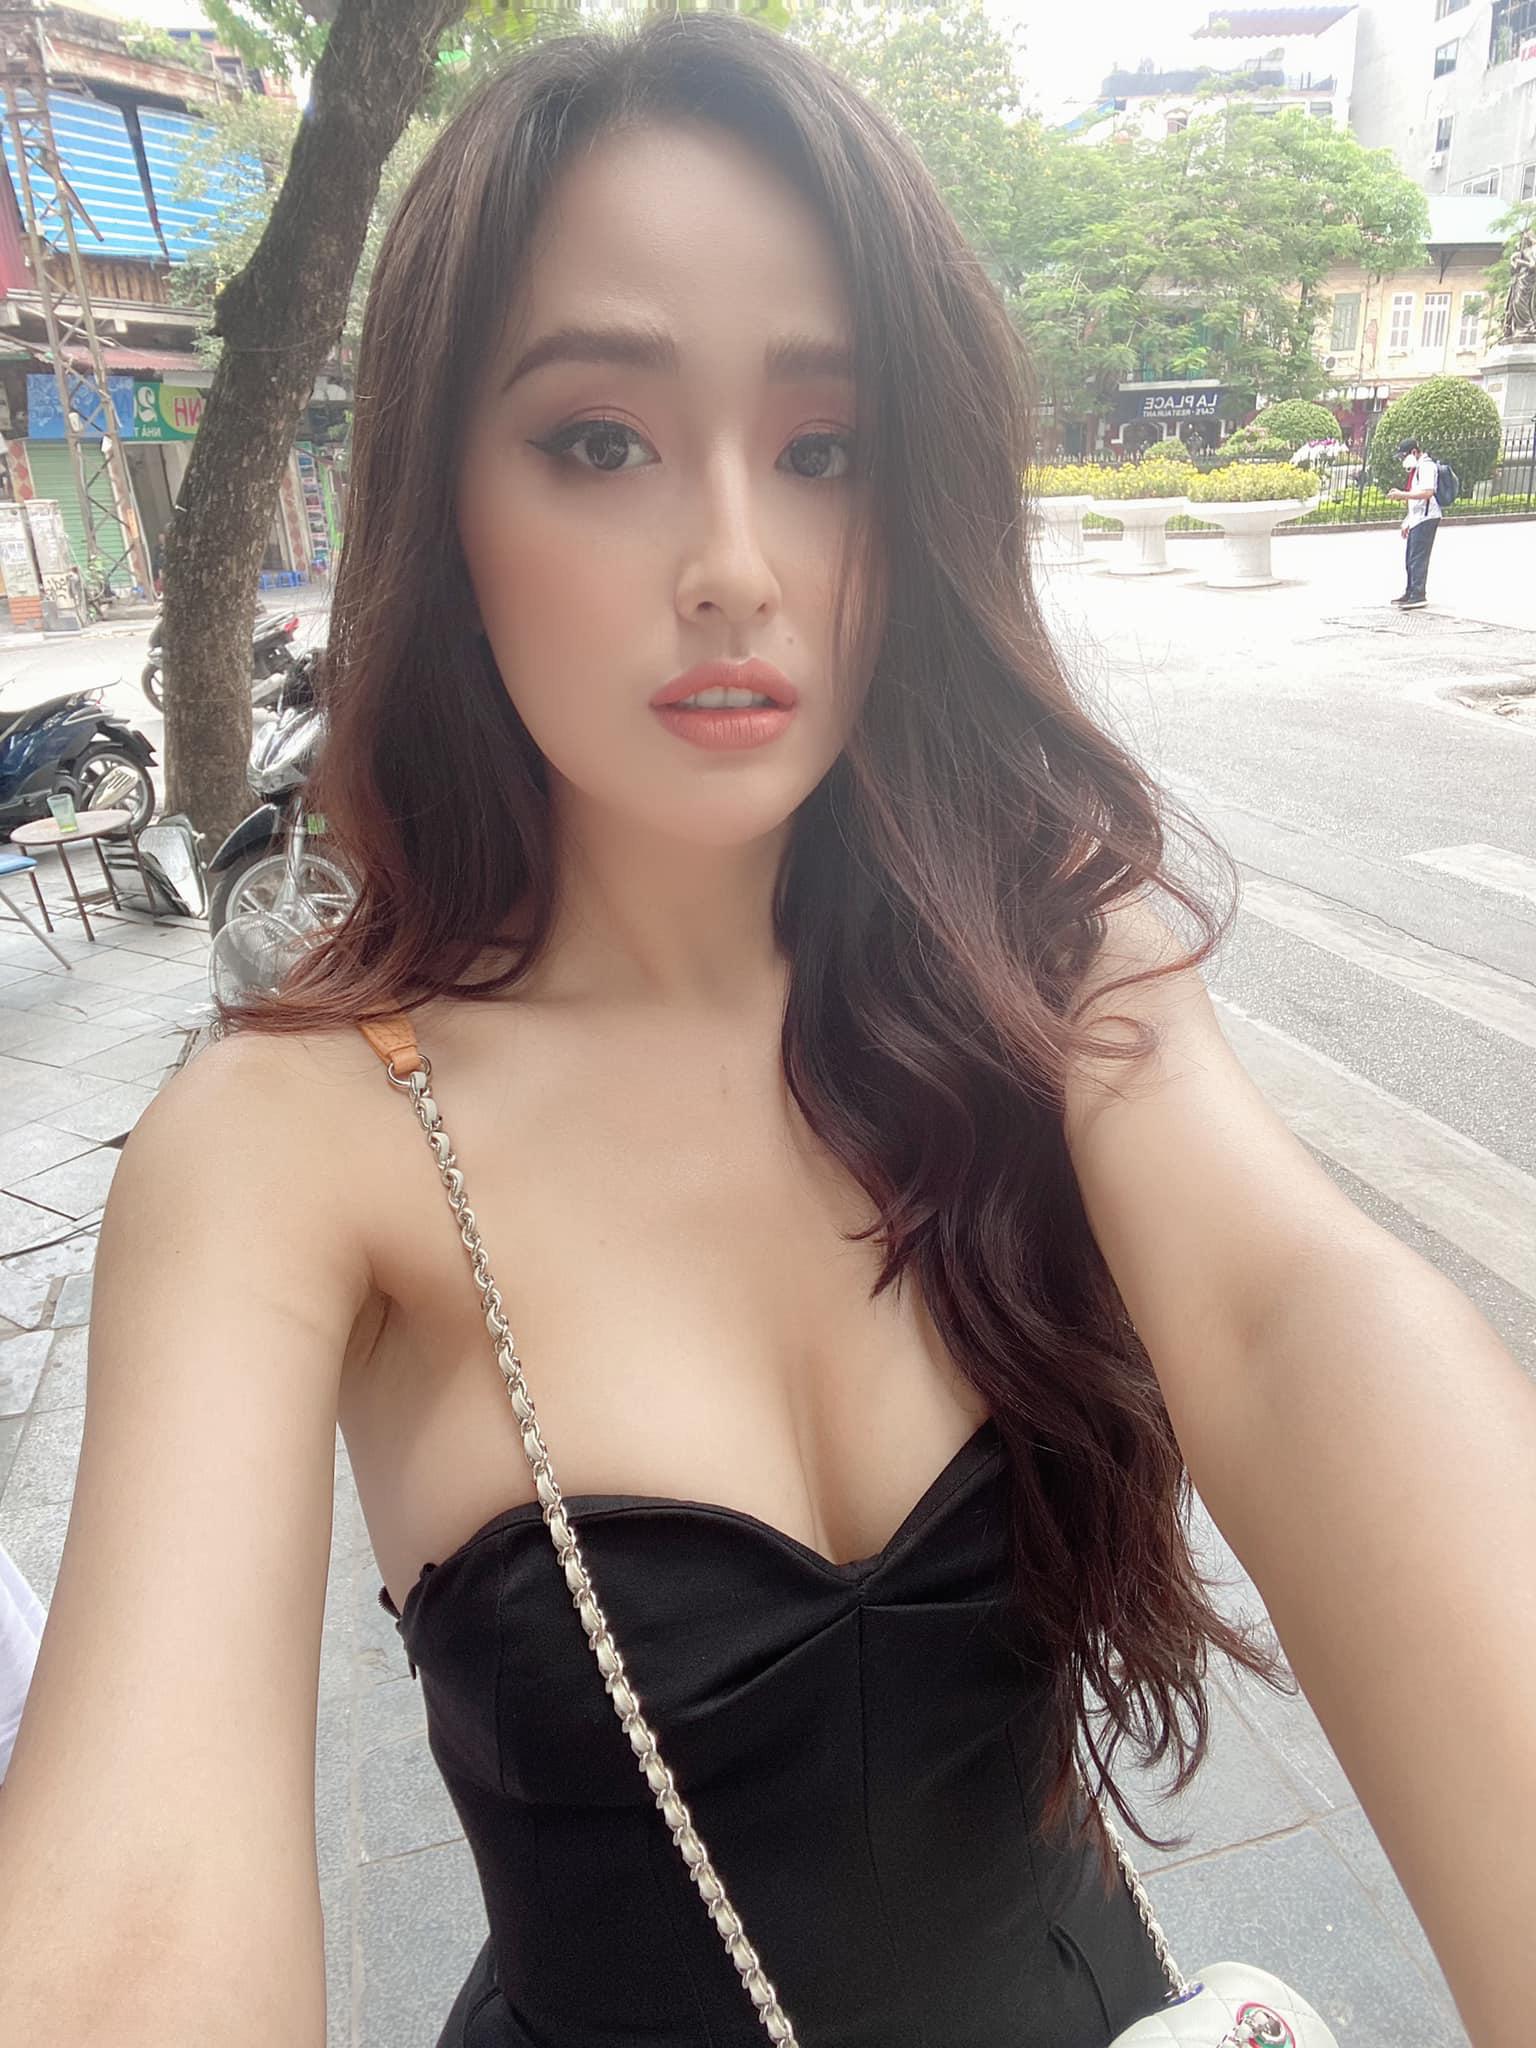 Hoa hậu mặc bốc nhất hẳn là Mai Phương Thúy: Chuyên diện váy áo trễ nải, nhiều phen vòng 1 như trào ra ngoài - Ảnh 3.